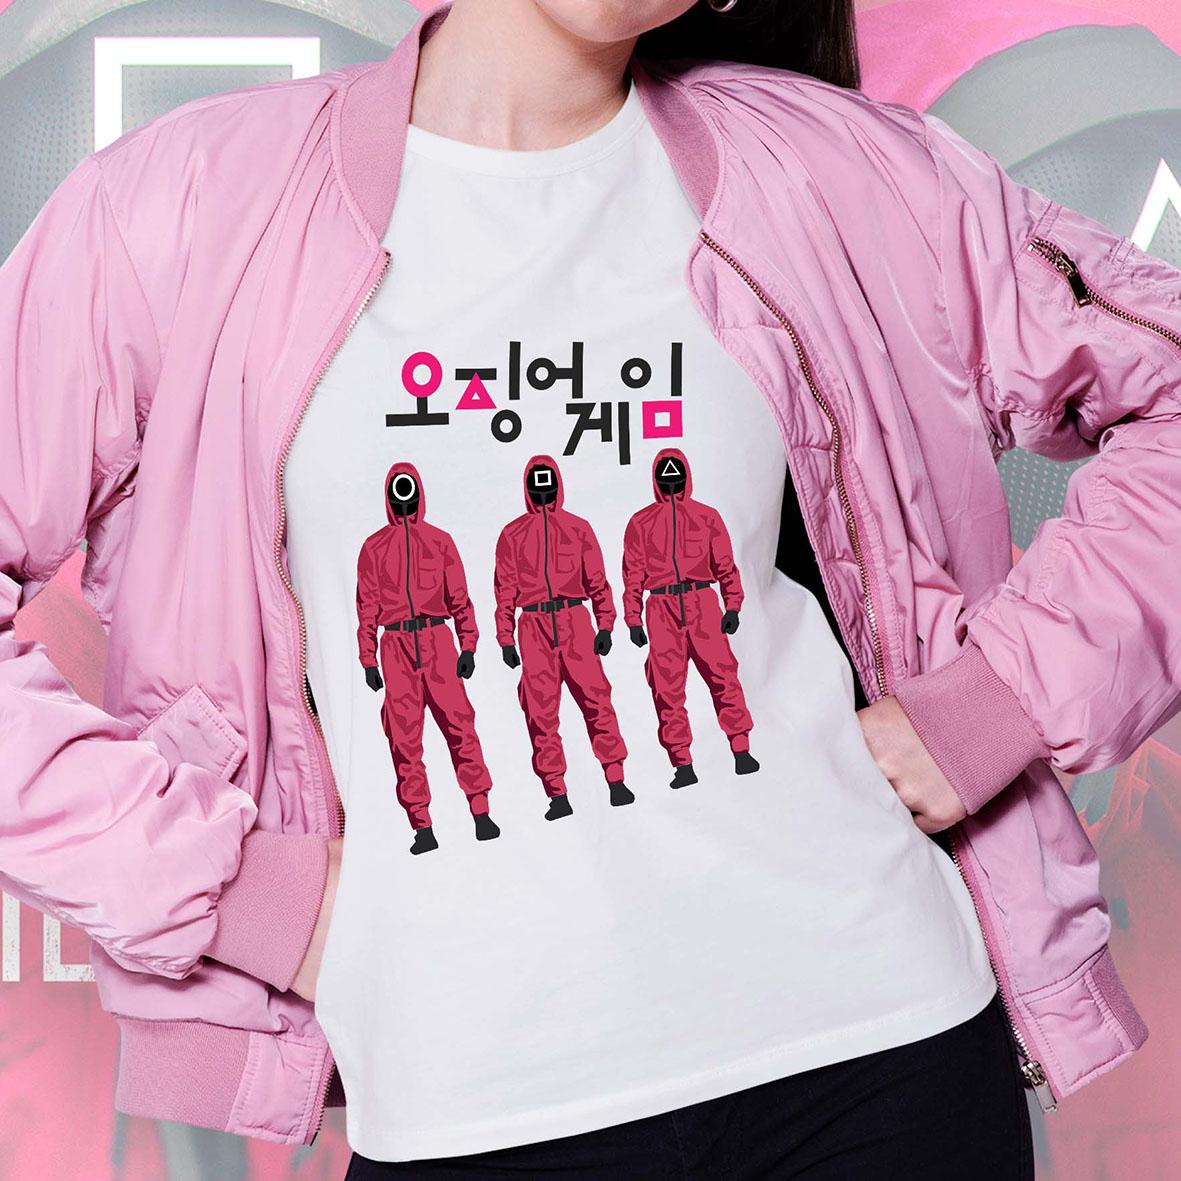 Camiseta Feminina Unissex Round 6 Squid Game Símbolos Jogadores Bola Quadrado Retângulo Logo (Branca) - EV